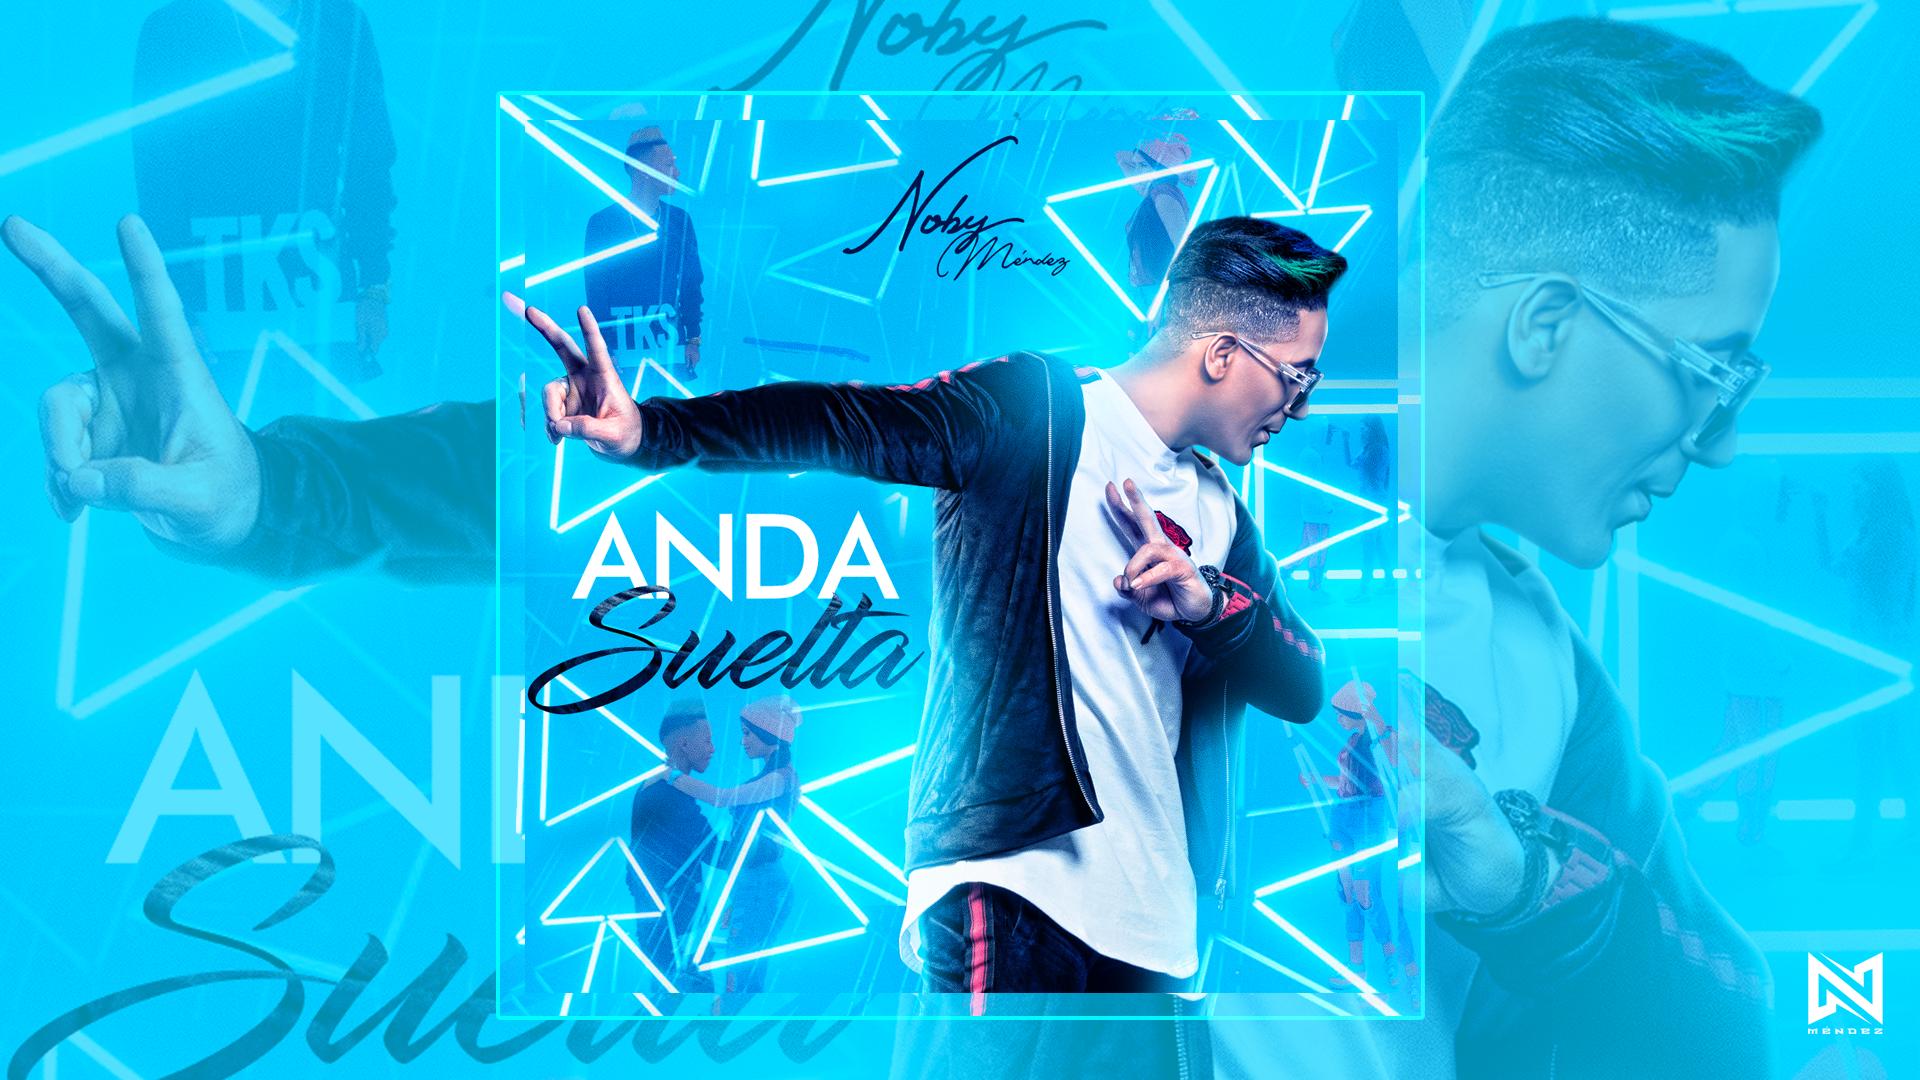 Noby Méndez - Ella Anda Suelta